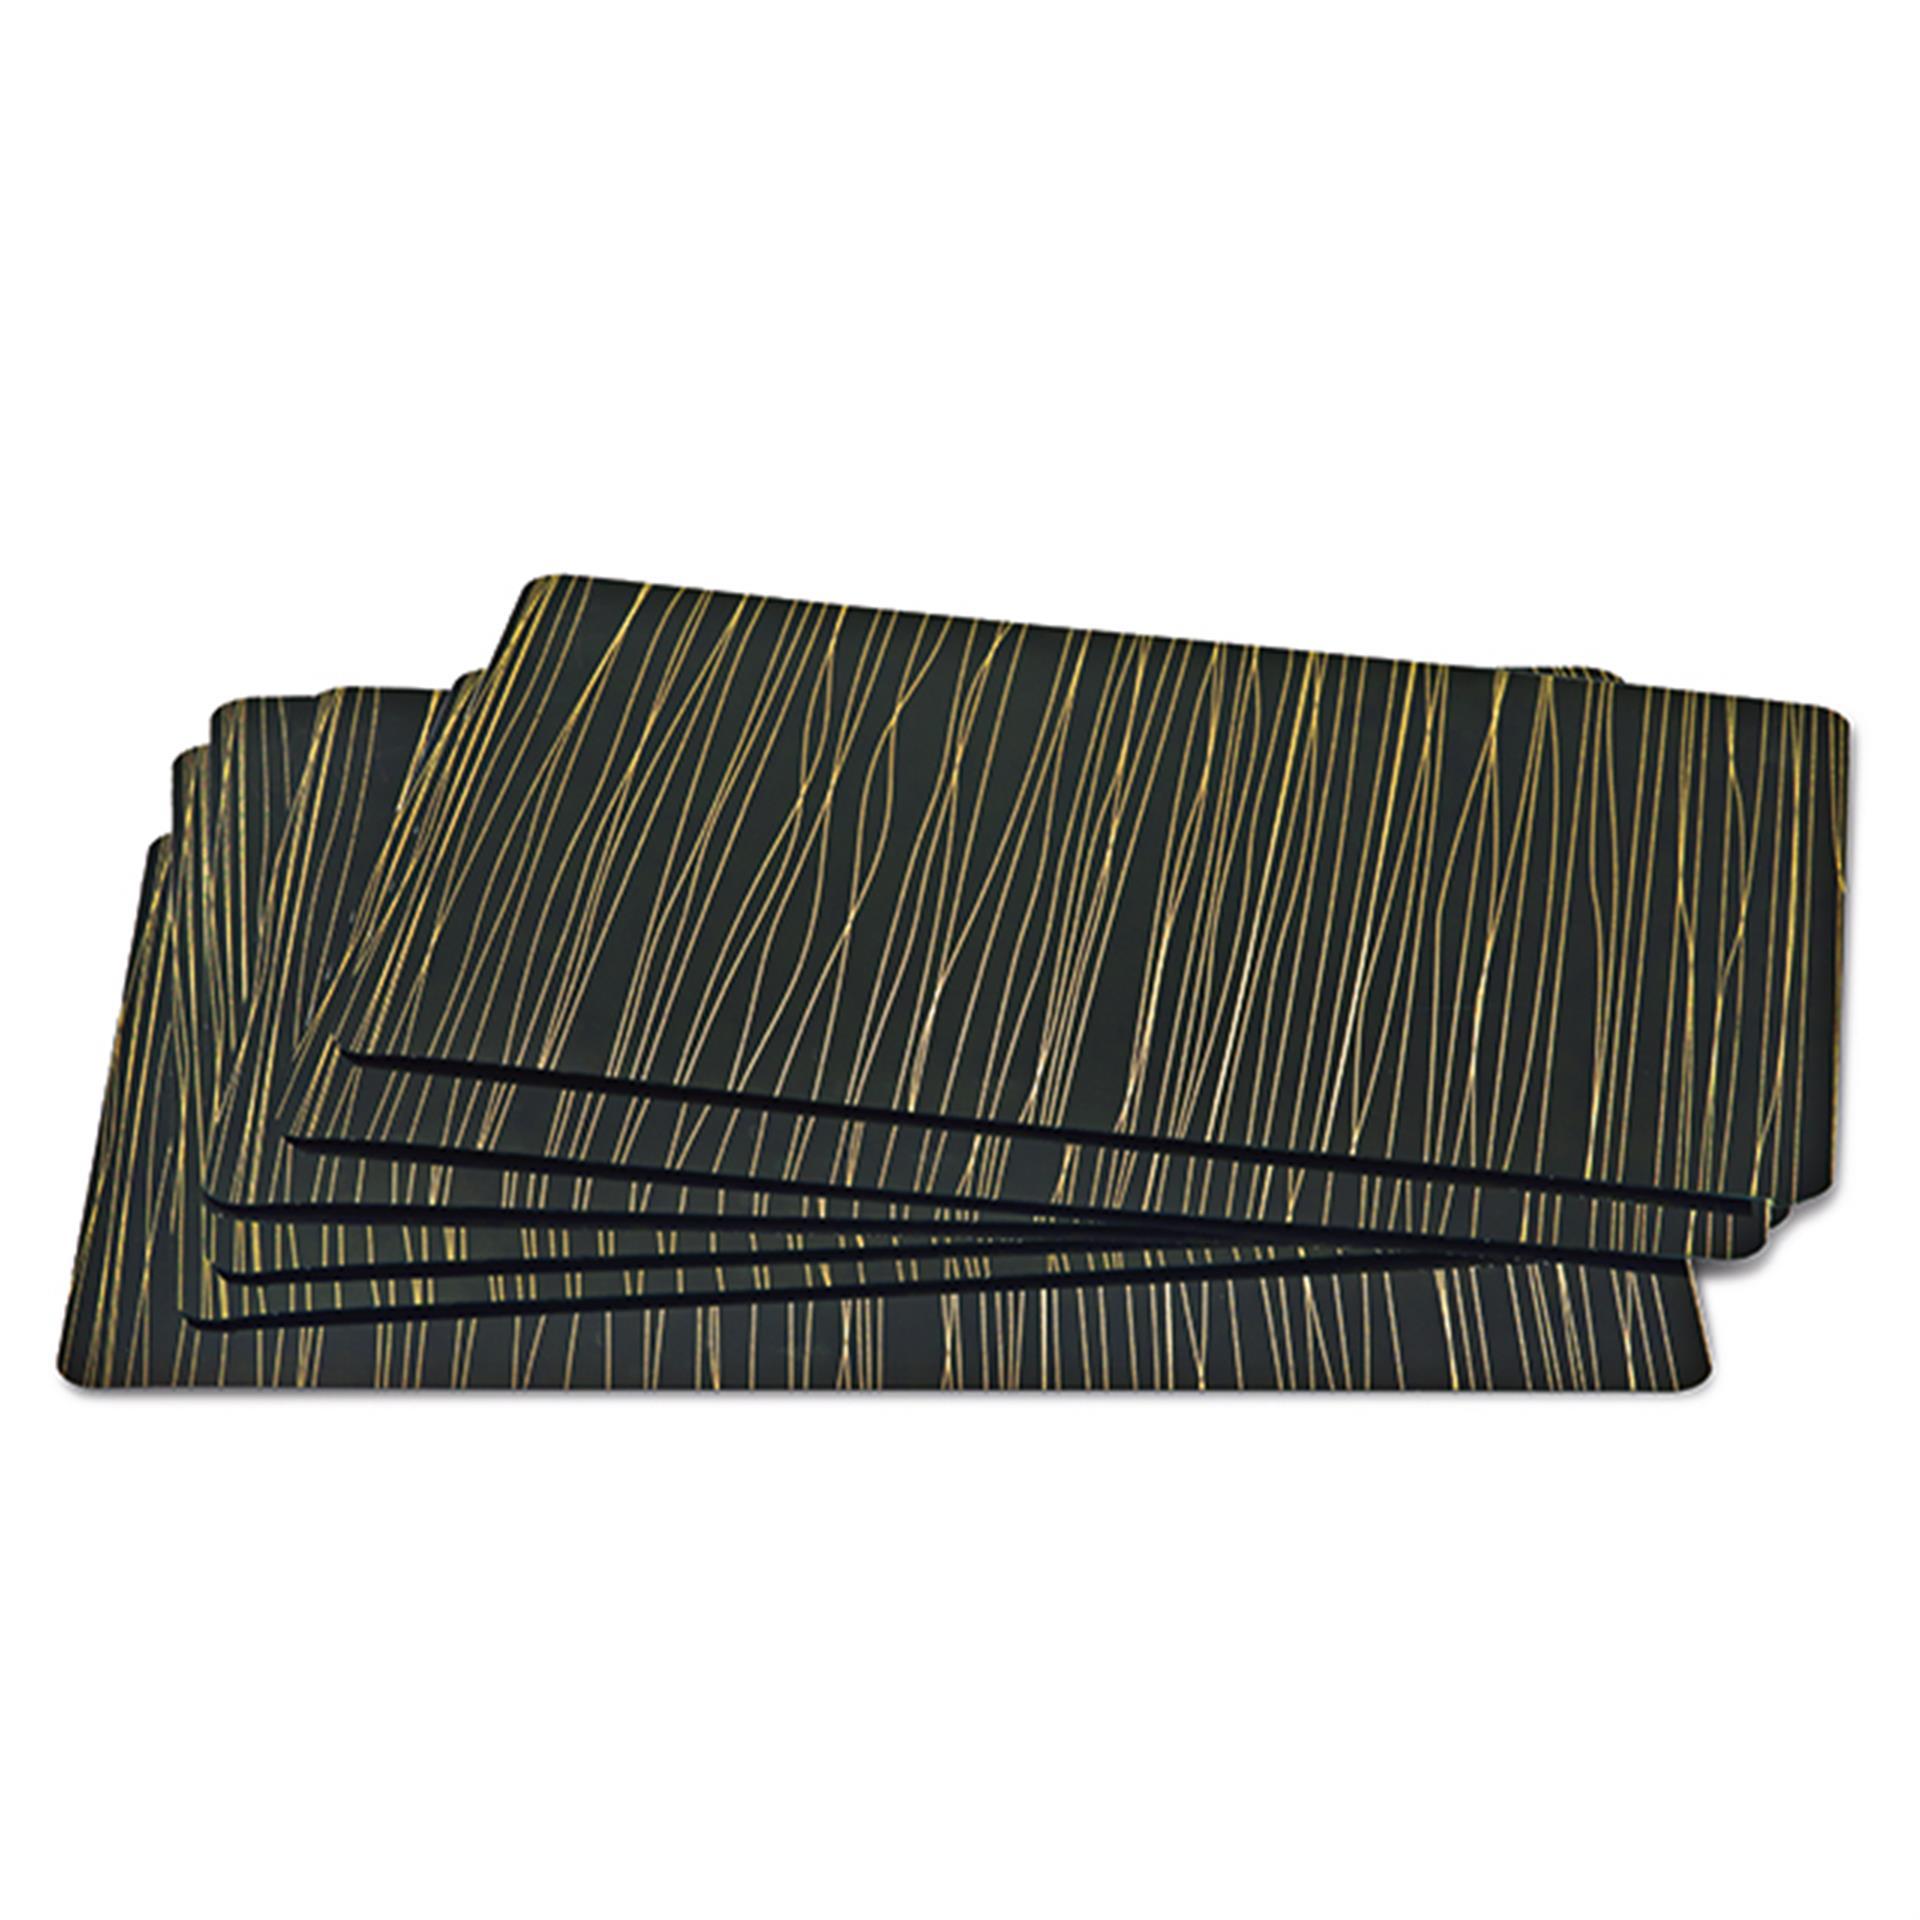 Tischset Line Art schwarz/gold